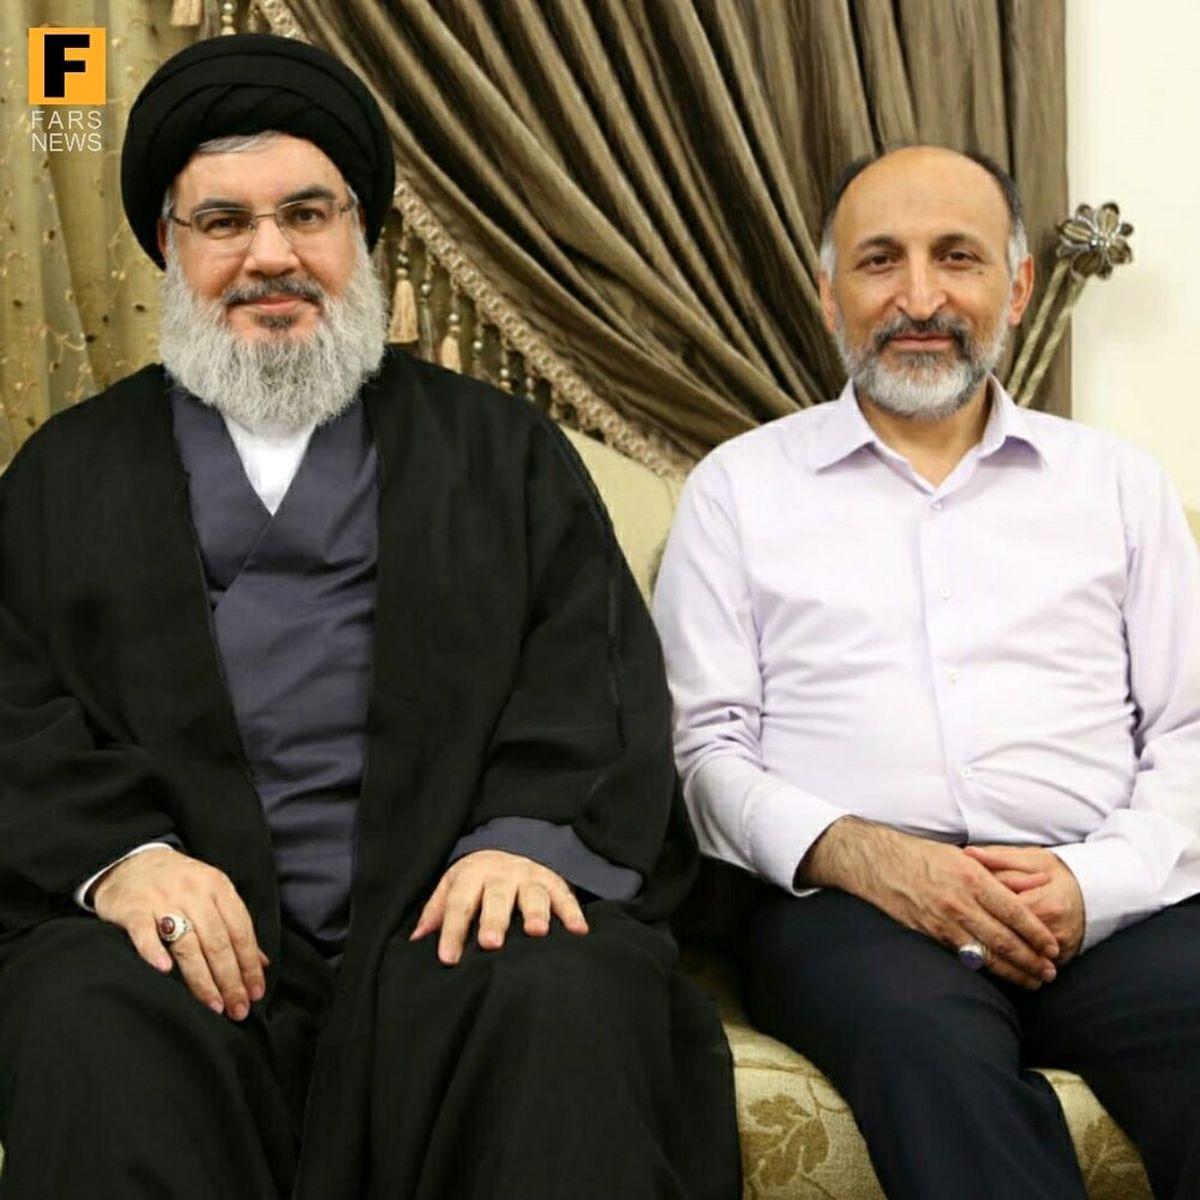 تصویر منتشرنشده از سردار حجازی در کنار سیدحسن نصرالله